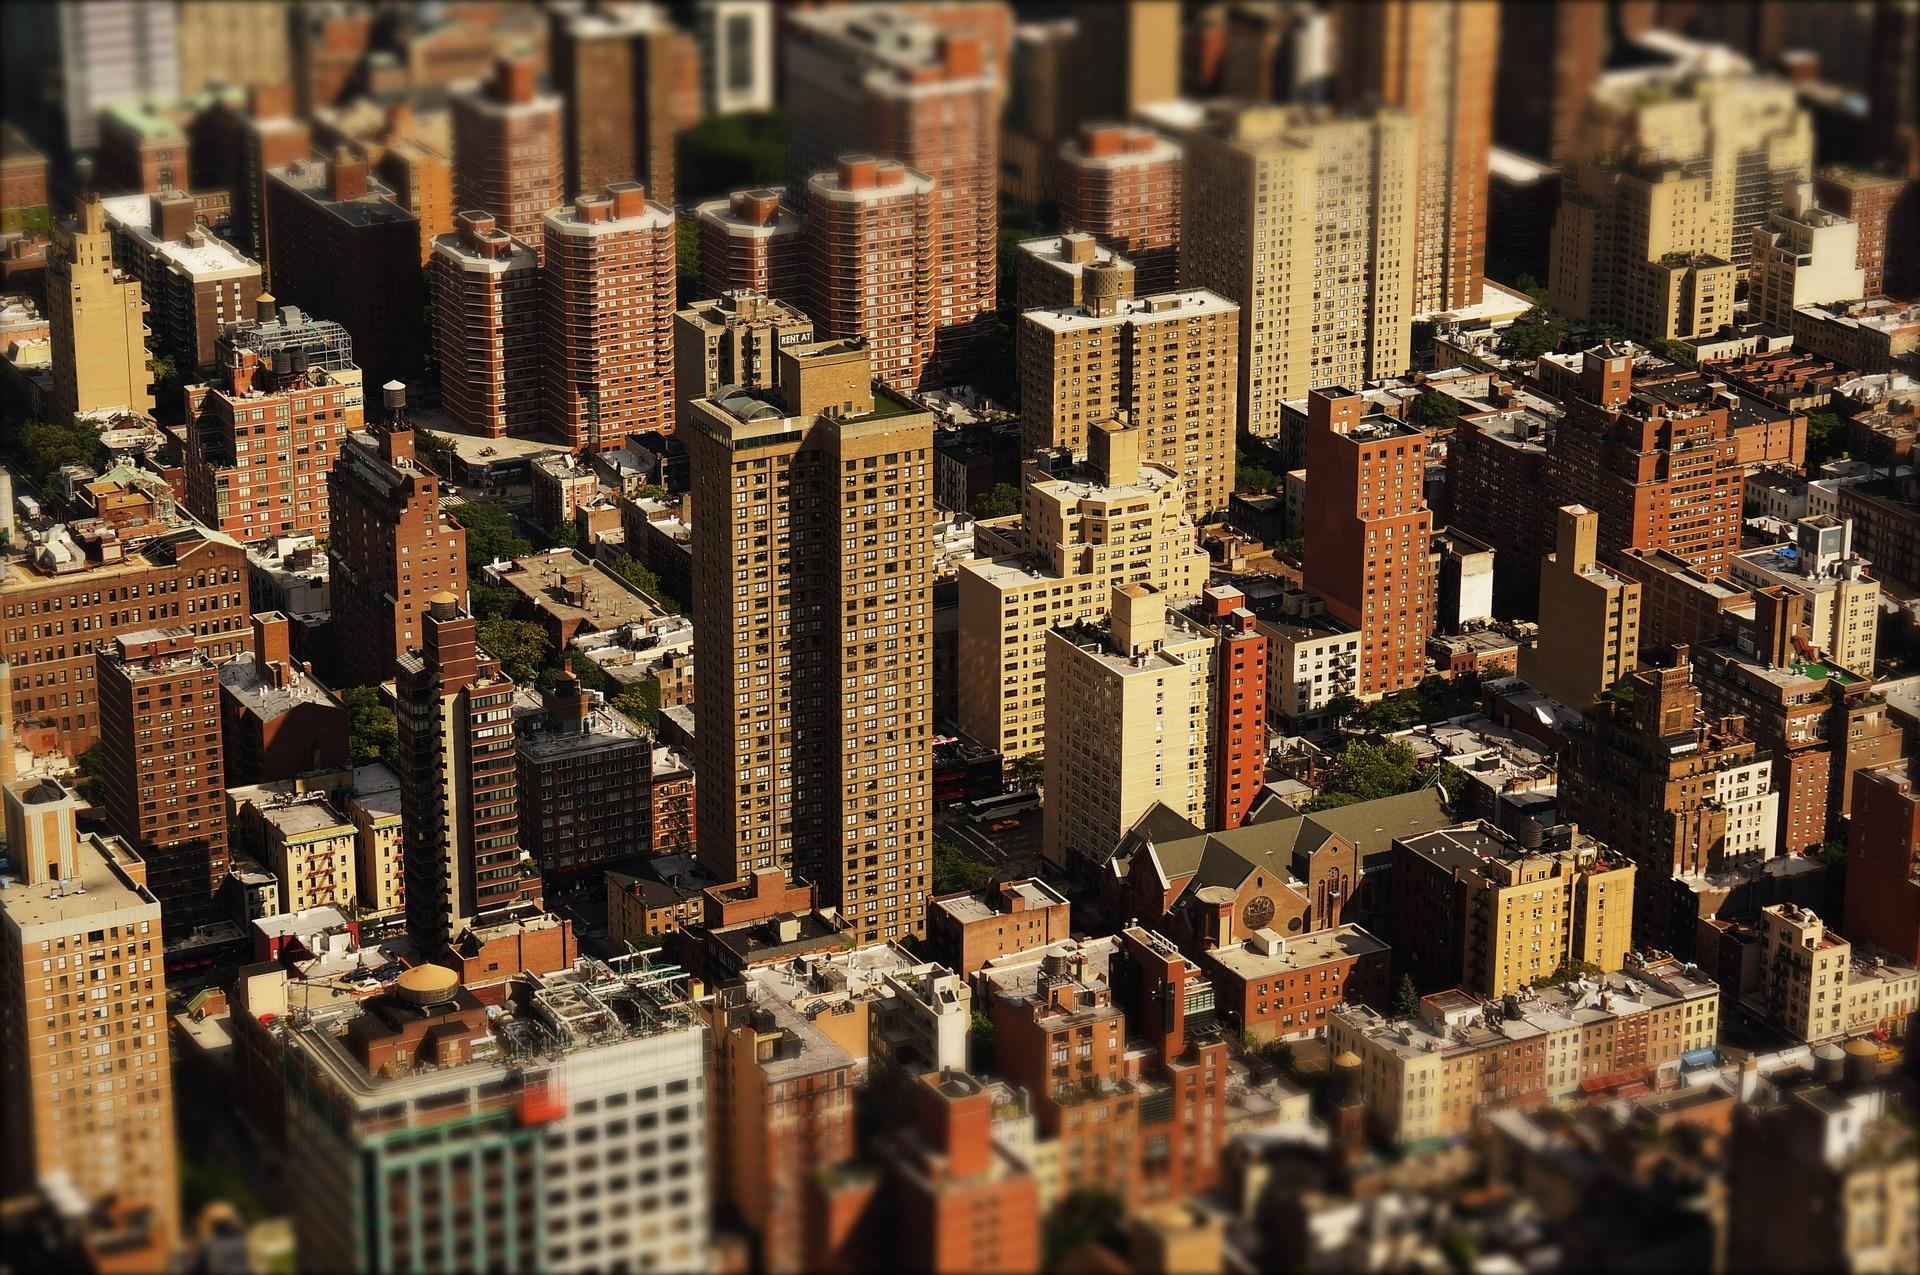 skyscraper-450793_1920